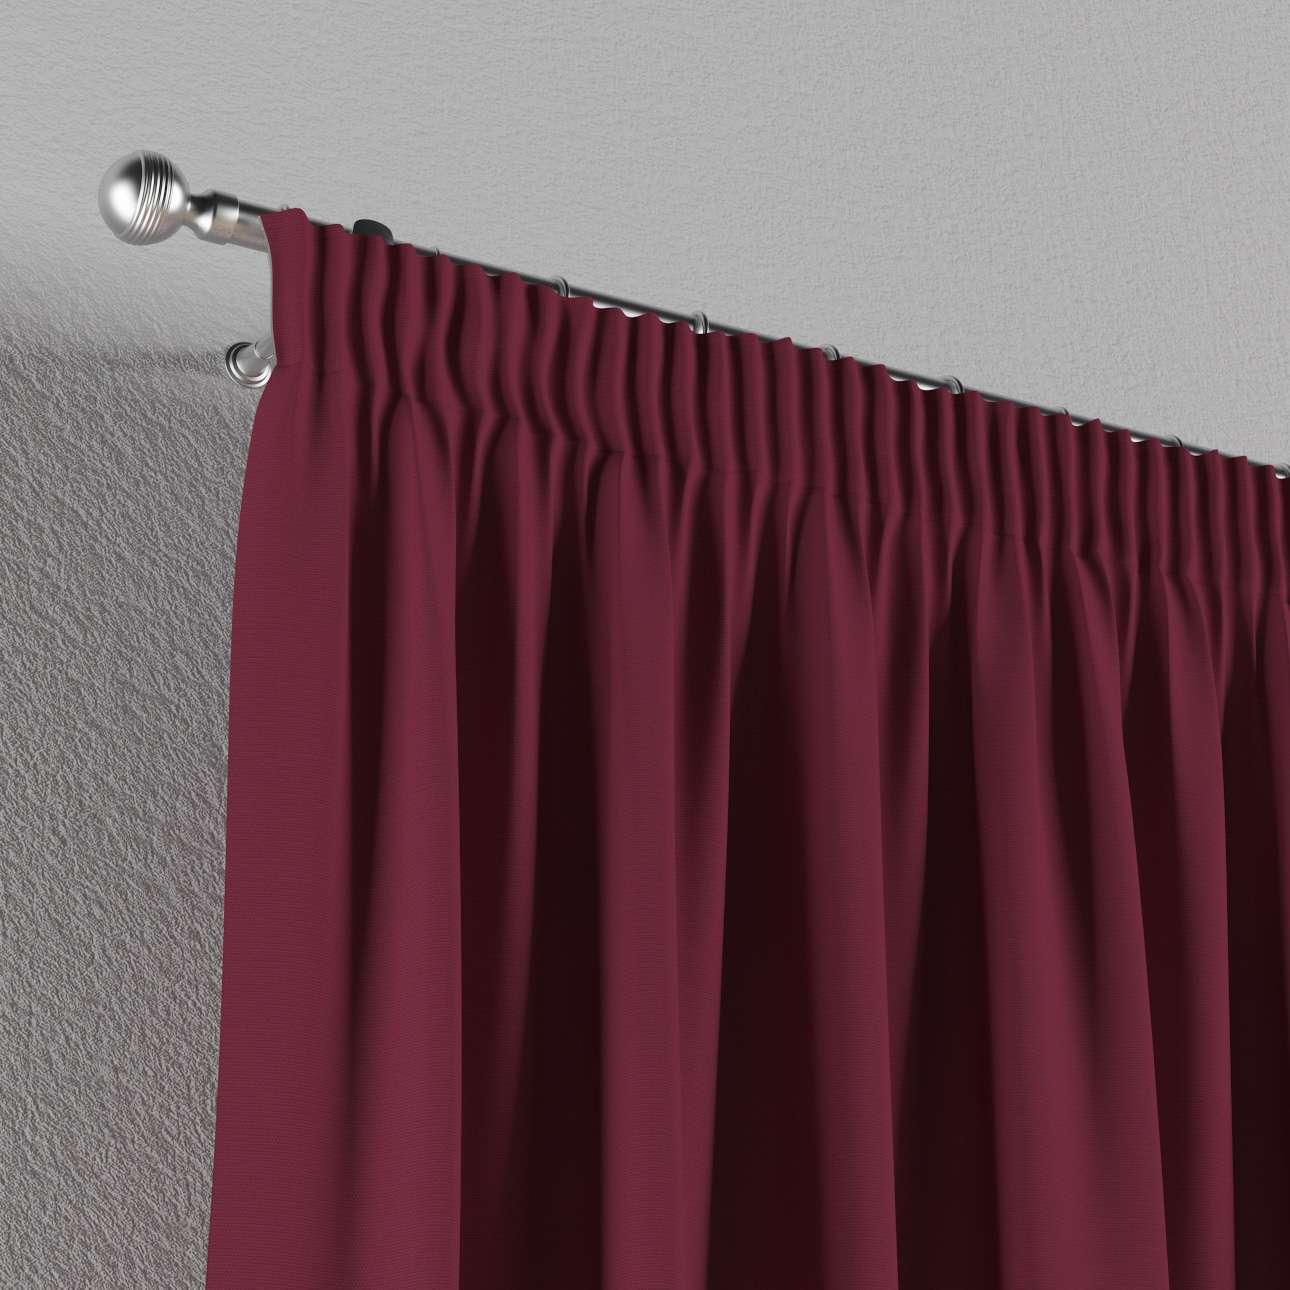 Vorhang mit Kräuselband 1 Stck. 130 x 260 cm von der Kollektion Cotton Panama, Stoff: 702-32